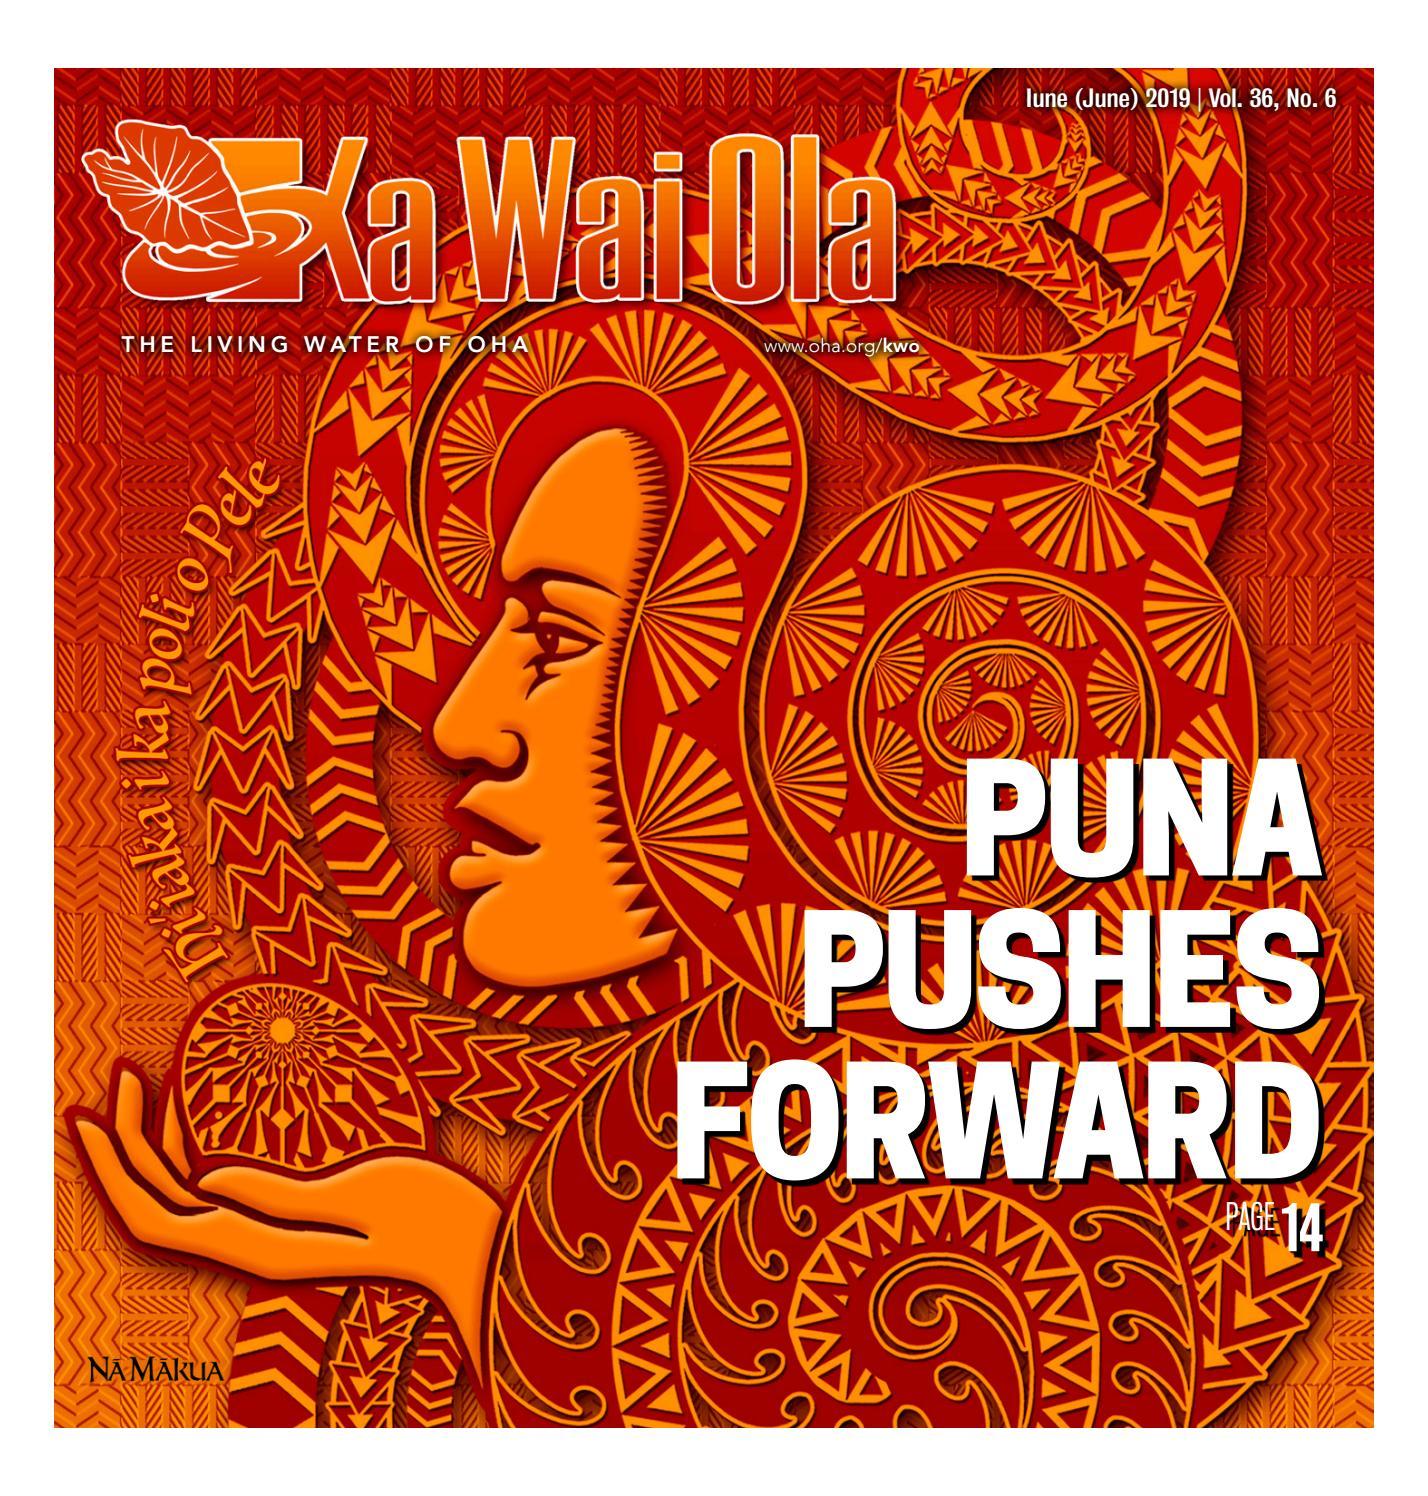 KWO - June 2019   Vol  36, No  6 by Ka Wai Ola o OHA - The